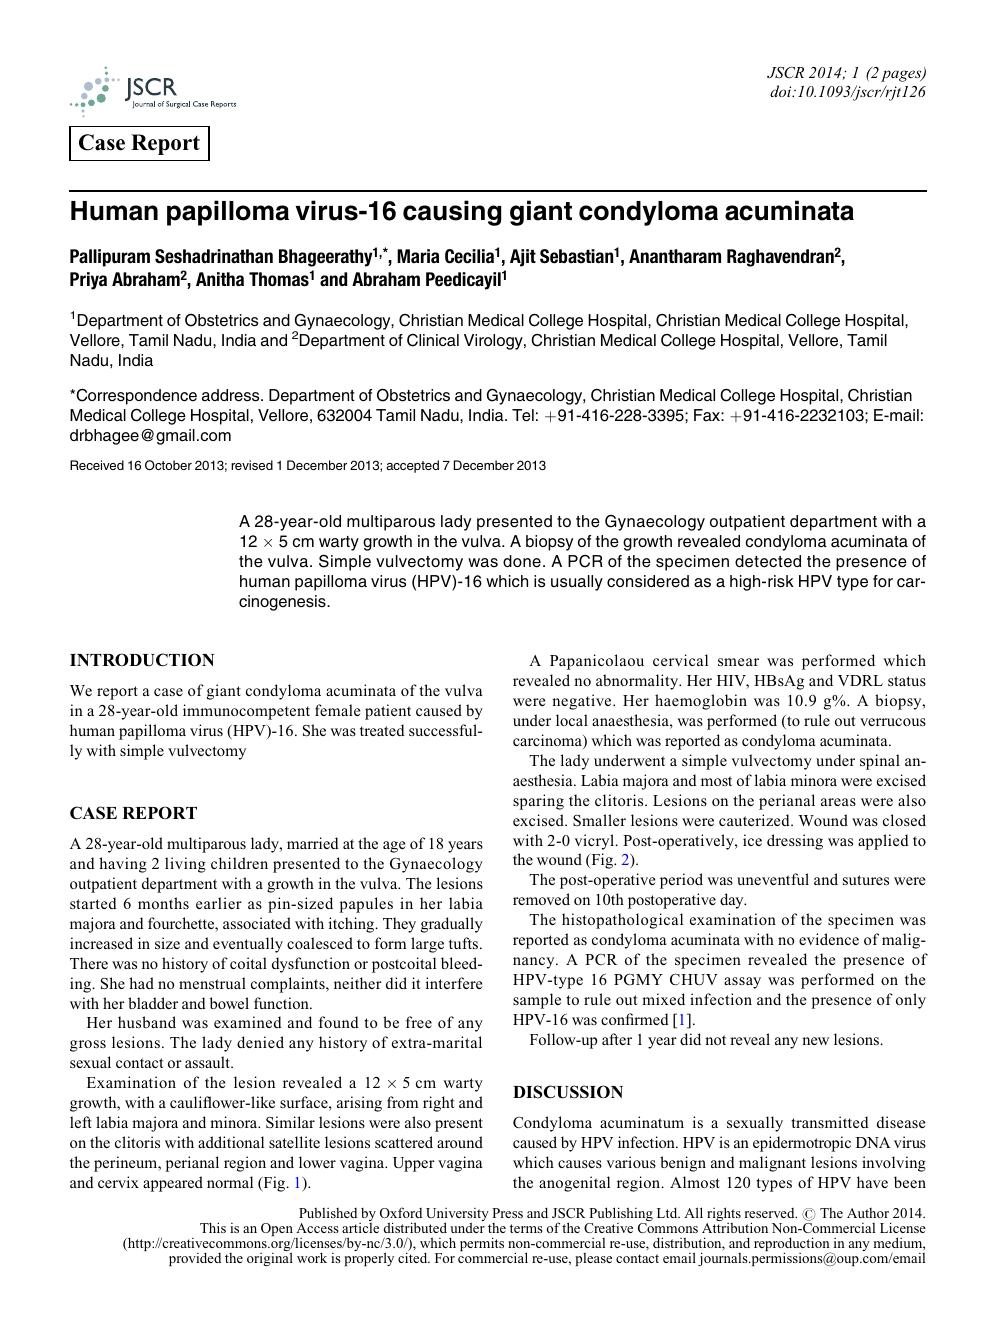 papilloma virus journal)